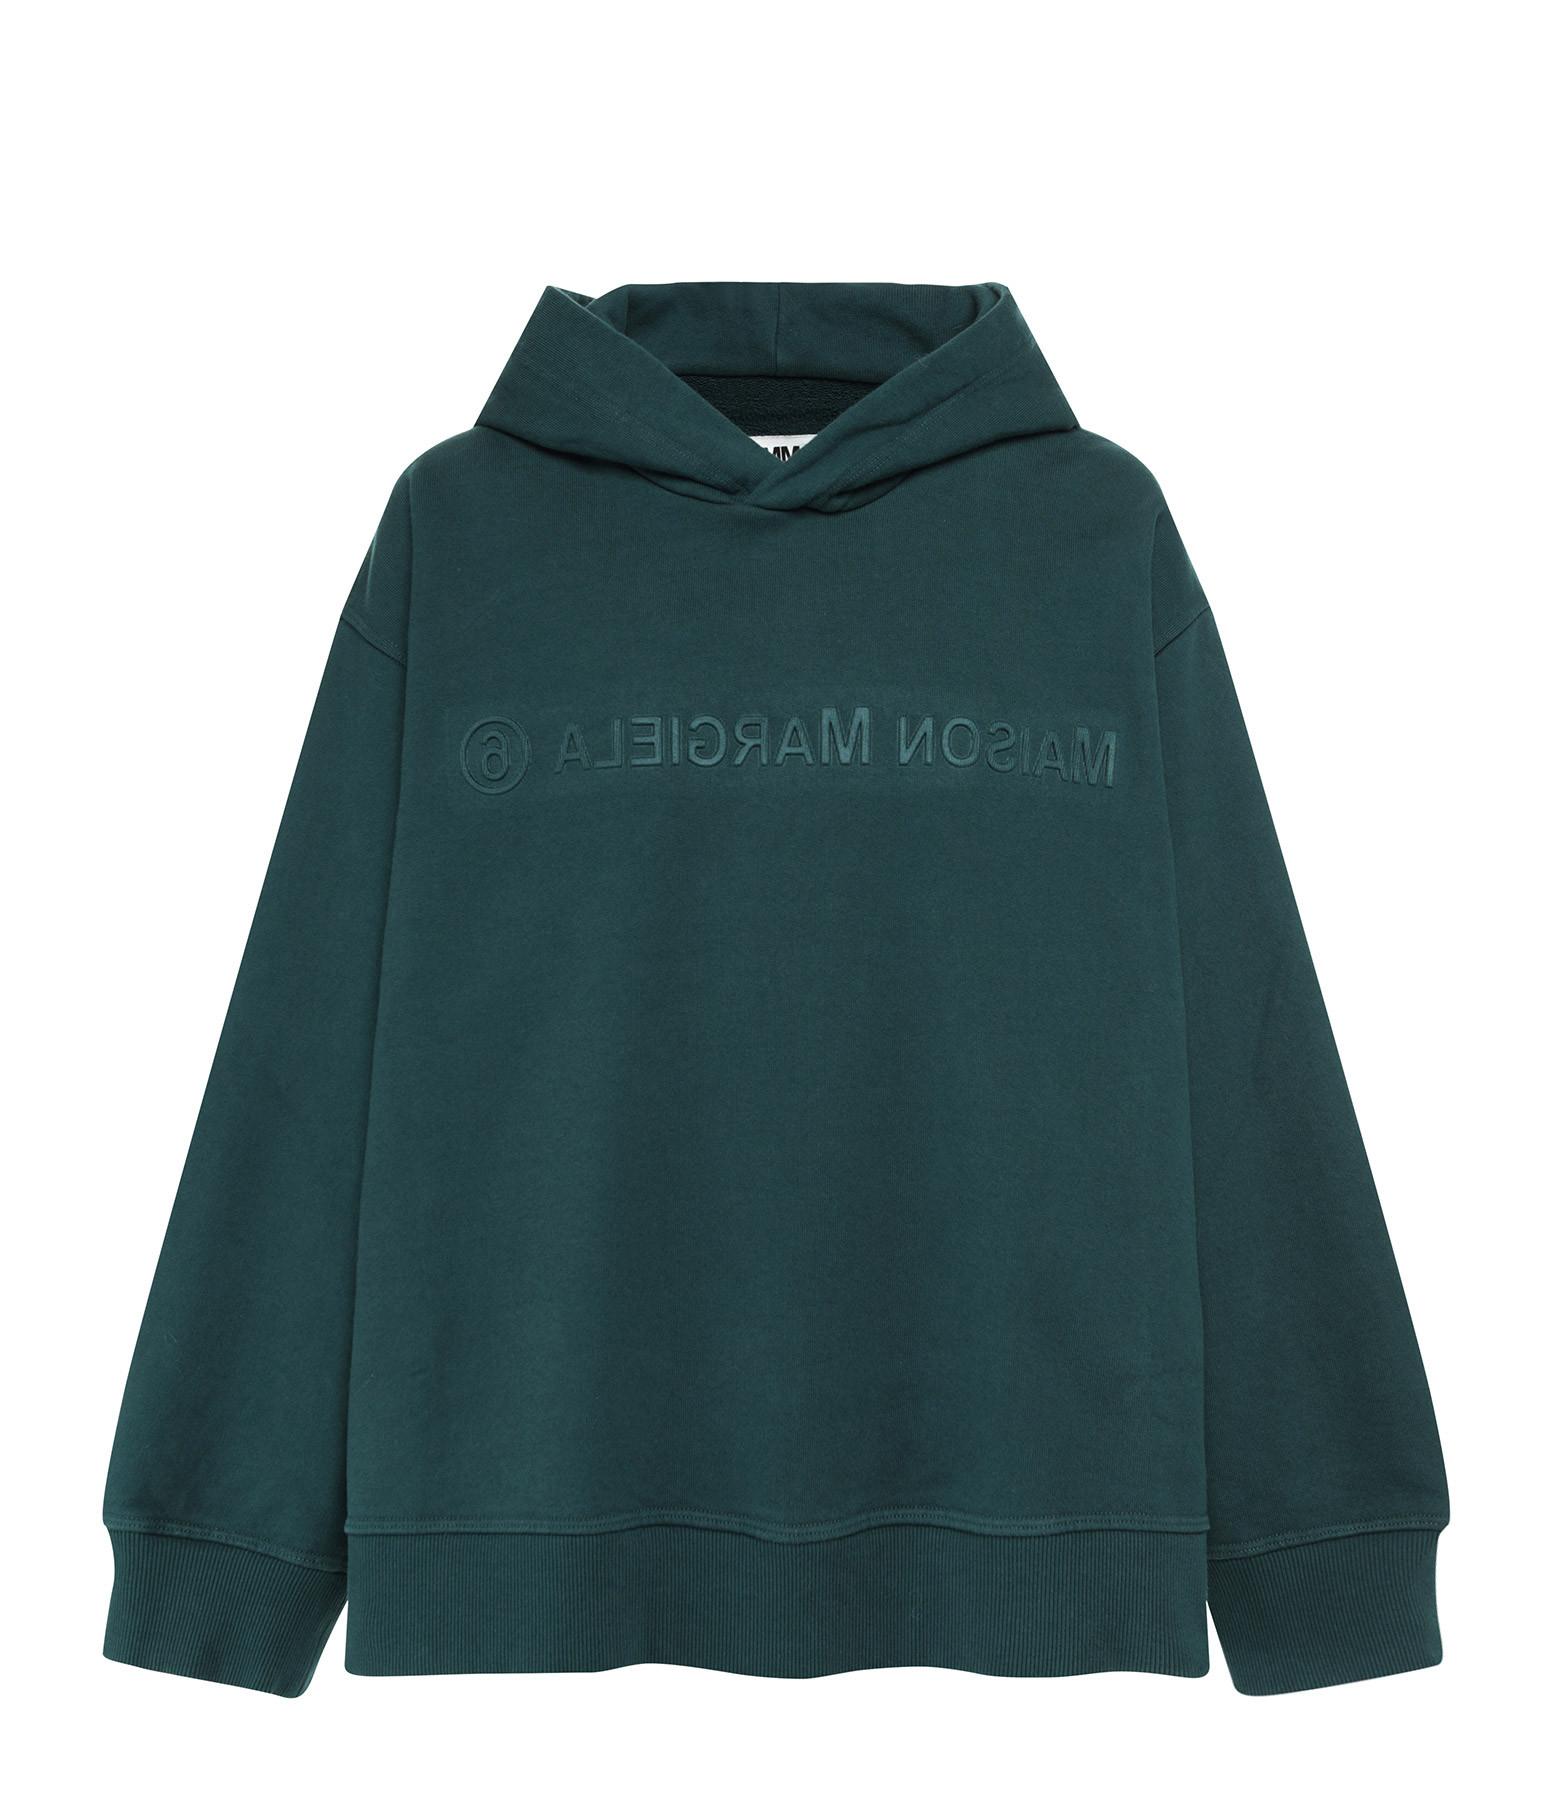 MM6 MAISON MARGIELA - Sweatshirt Imprimé Vert Foncé